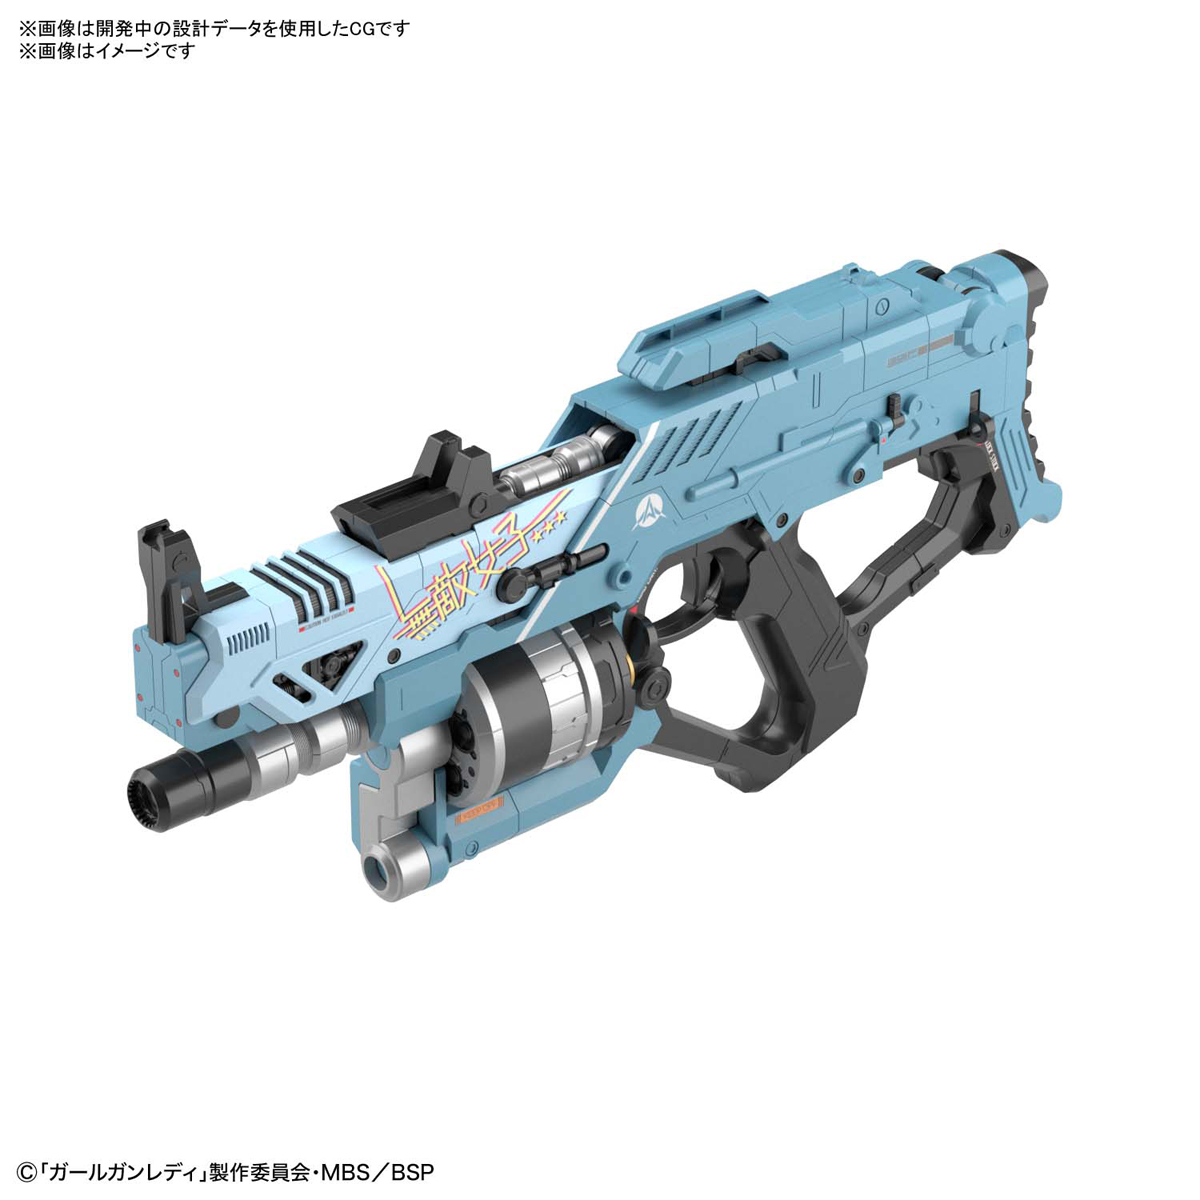 ガールガンレディ『ブラストガールガン Ver.アルファタンゴ』GGL 1/1 プラモデル-001